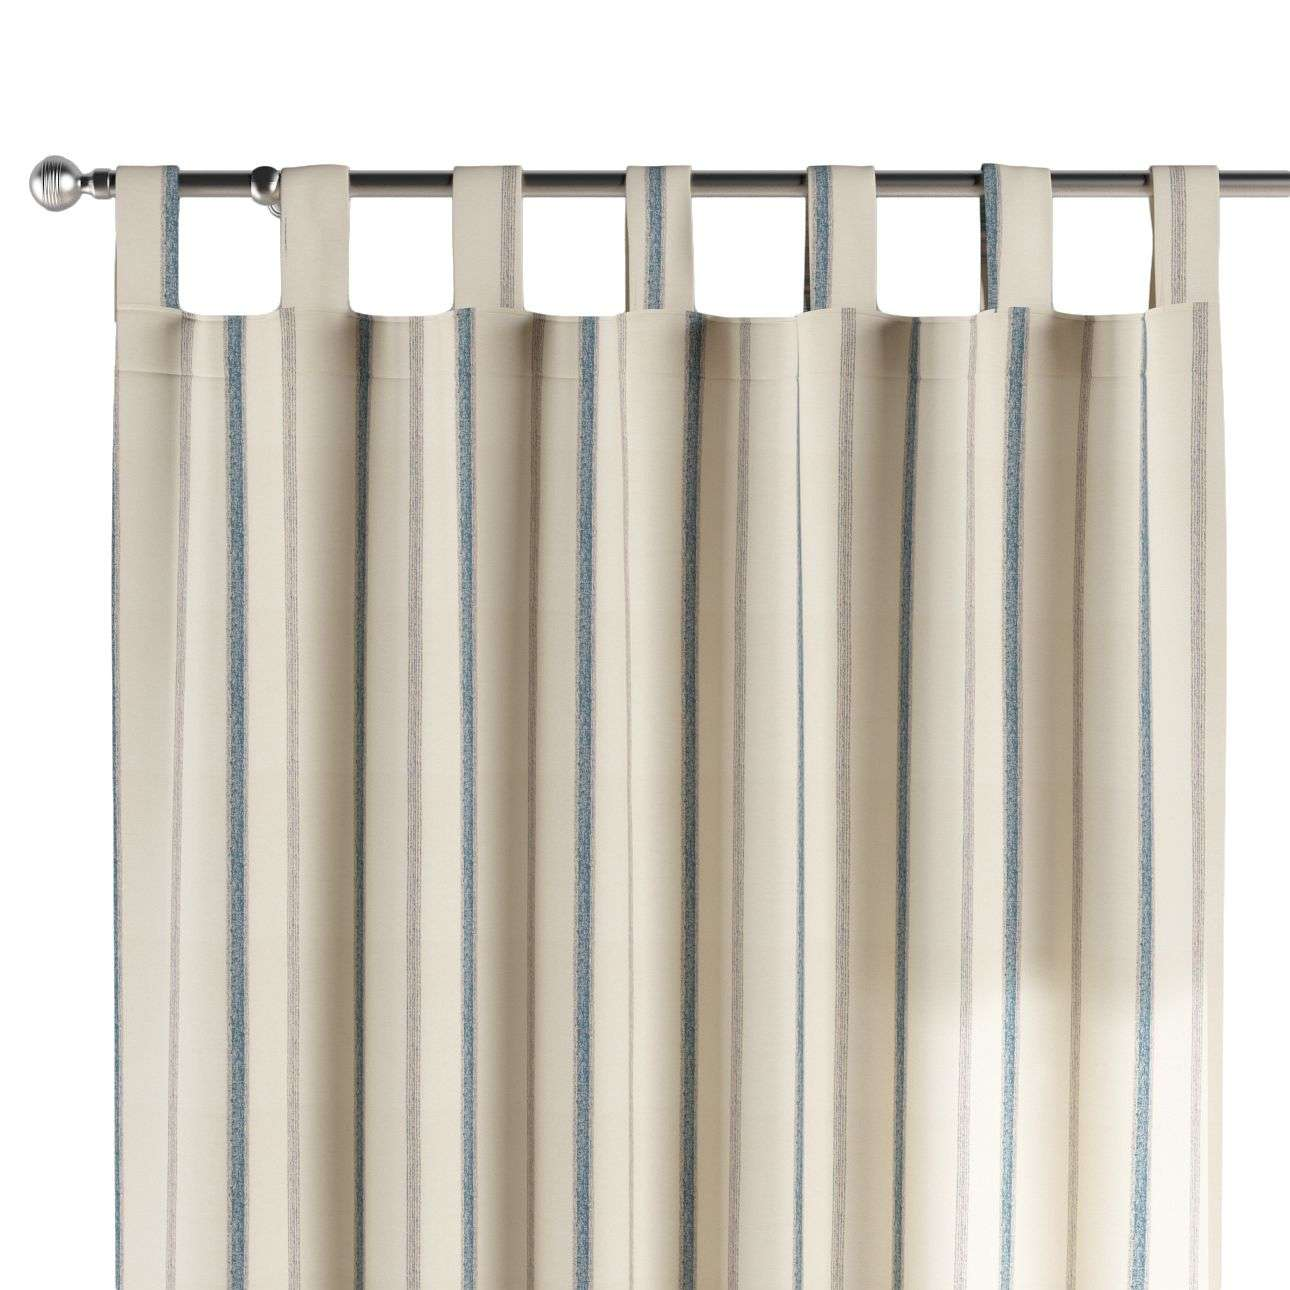 Zasłona na szelkach 1 szt. 1szt 130x260 cm w kolekcji Avinon, tkanina: 129-66